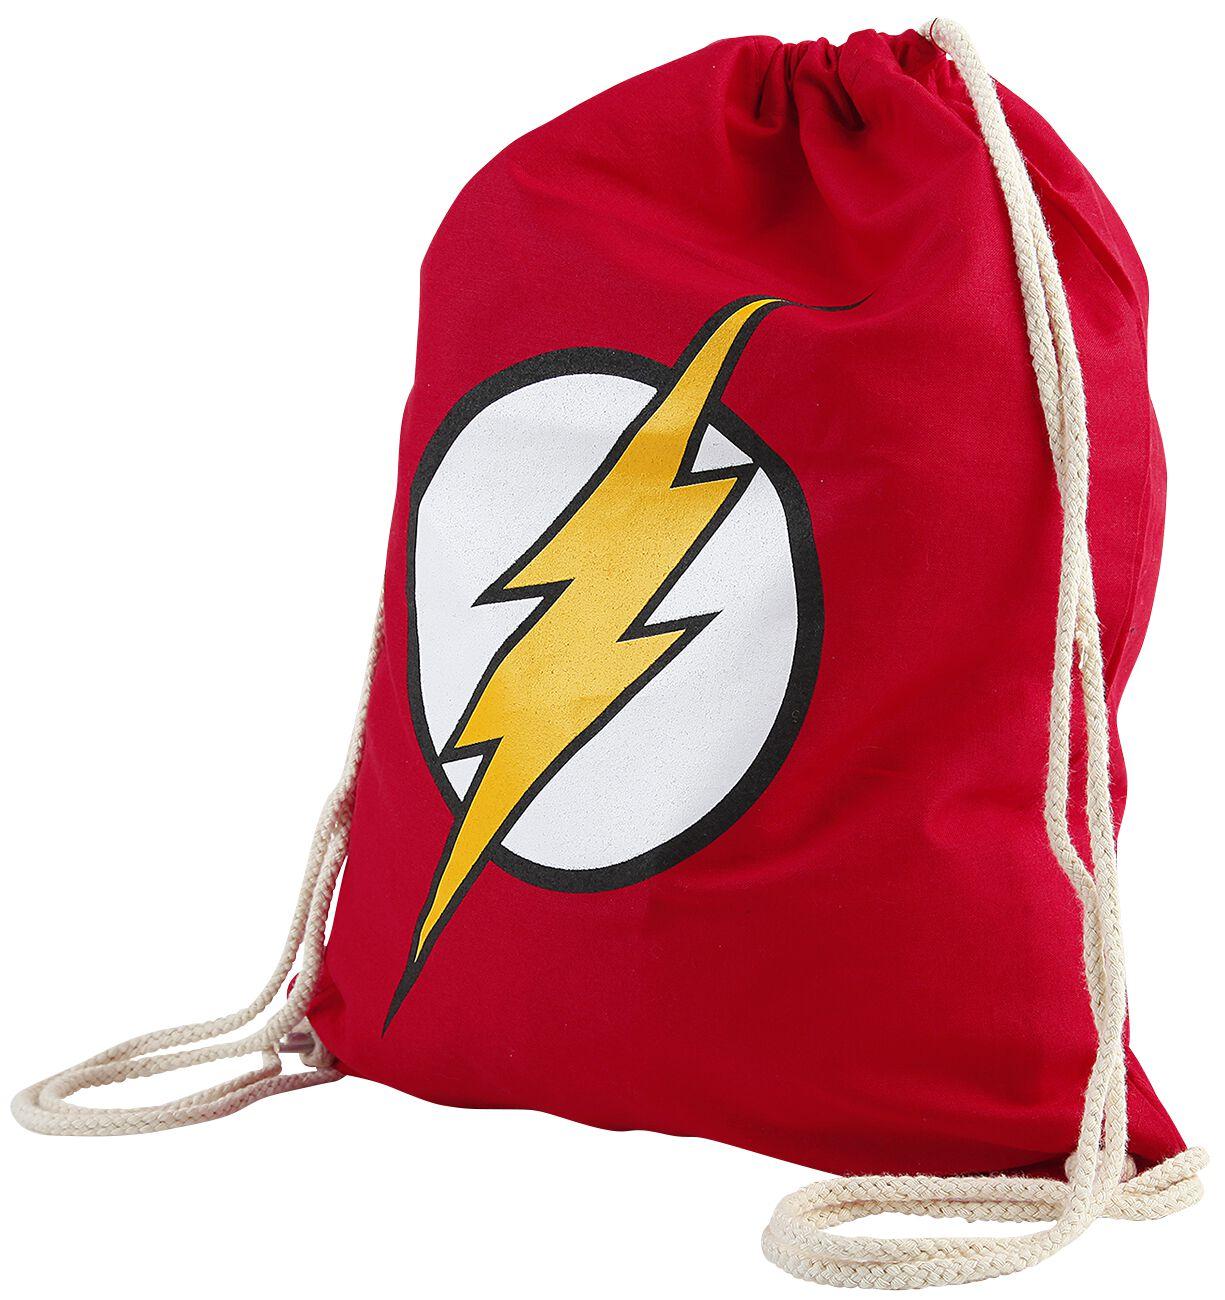 Merch dla Fanów - Torby i Plecaki - Torba treningowa The Flash Logo Torba treningowa czerwony - 358143